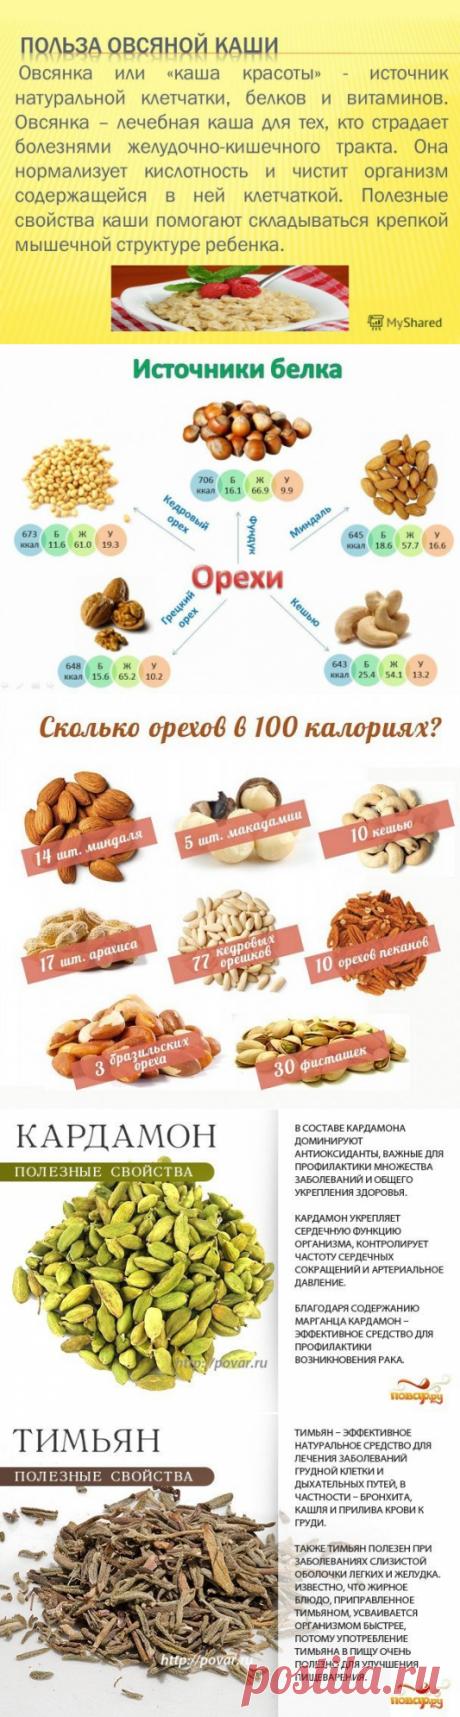 Полезные таблицы. Крупы. Орехи, сухофрукты, специи.